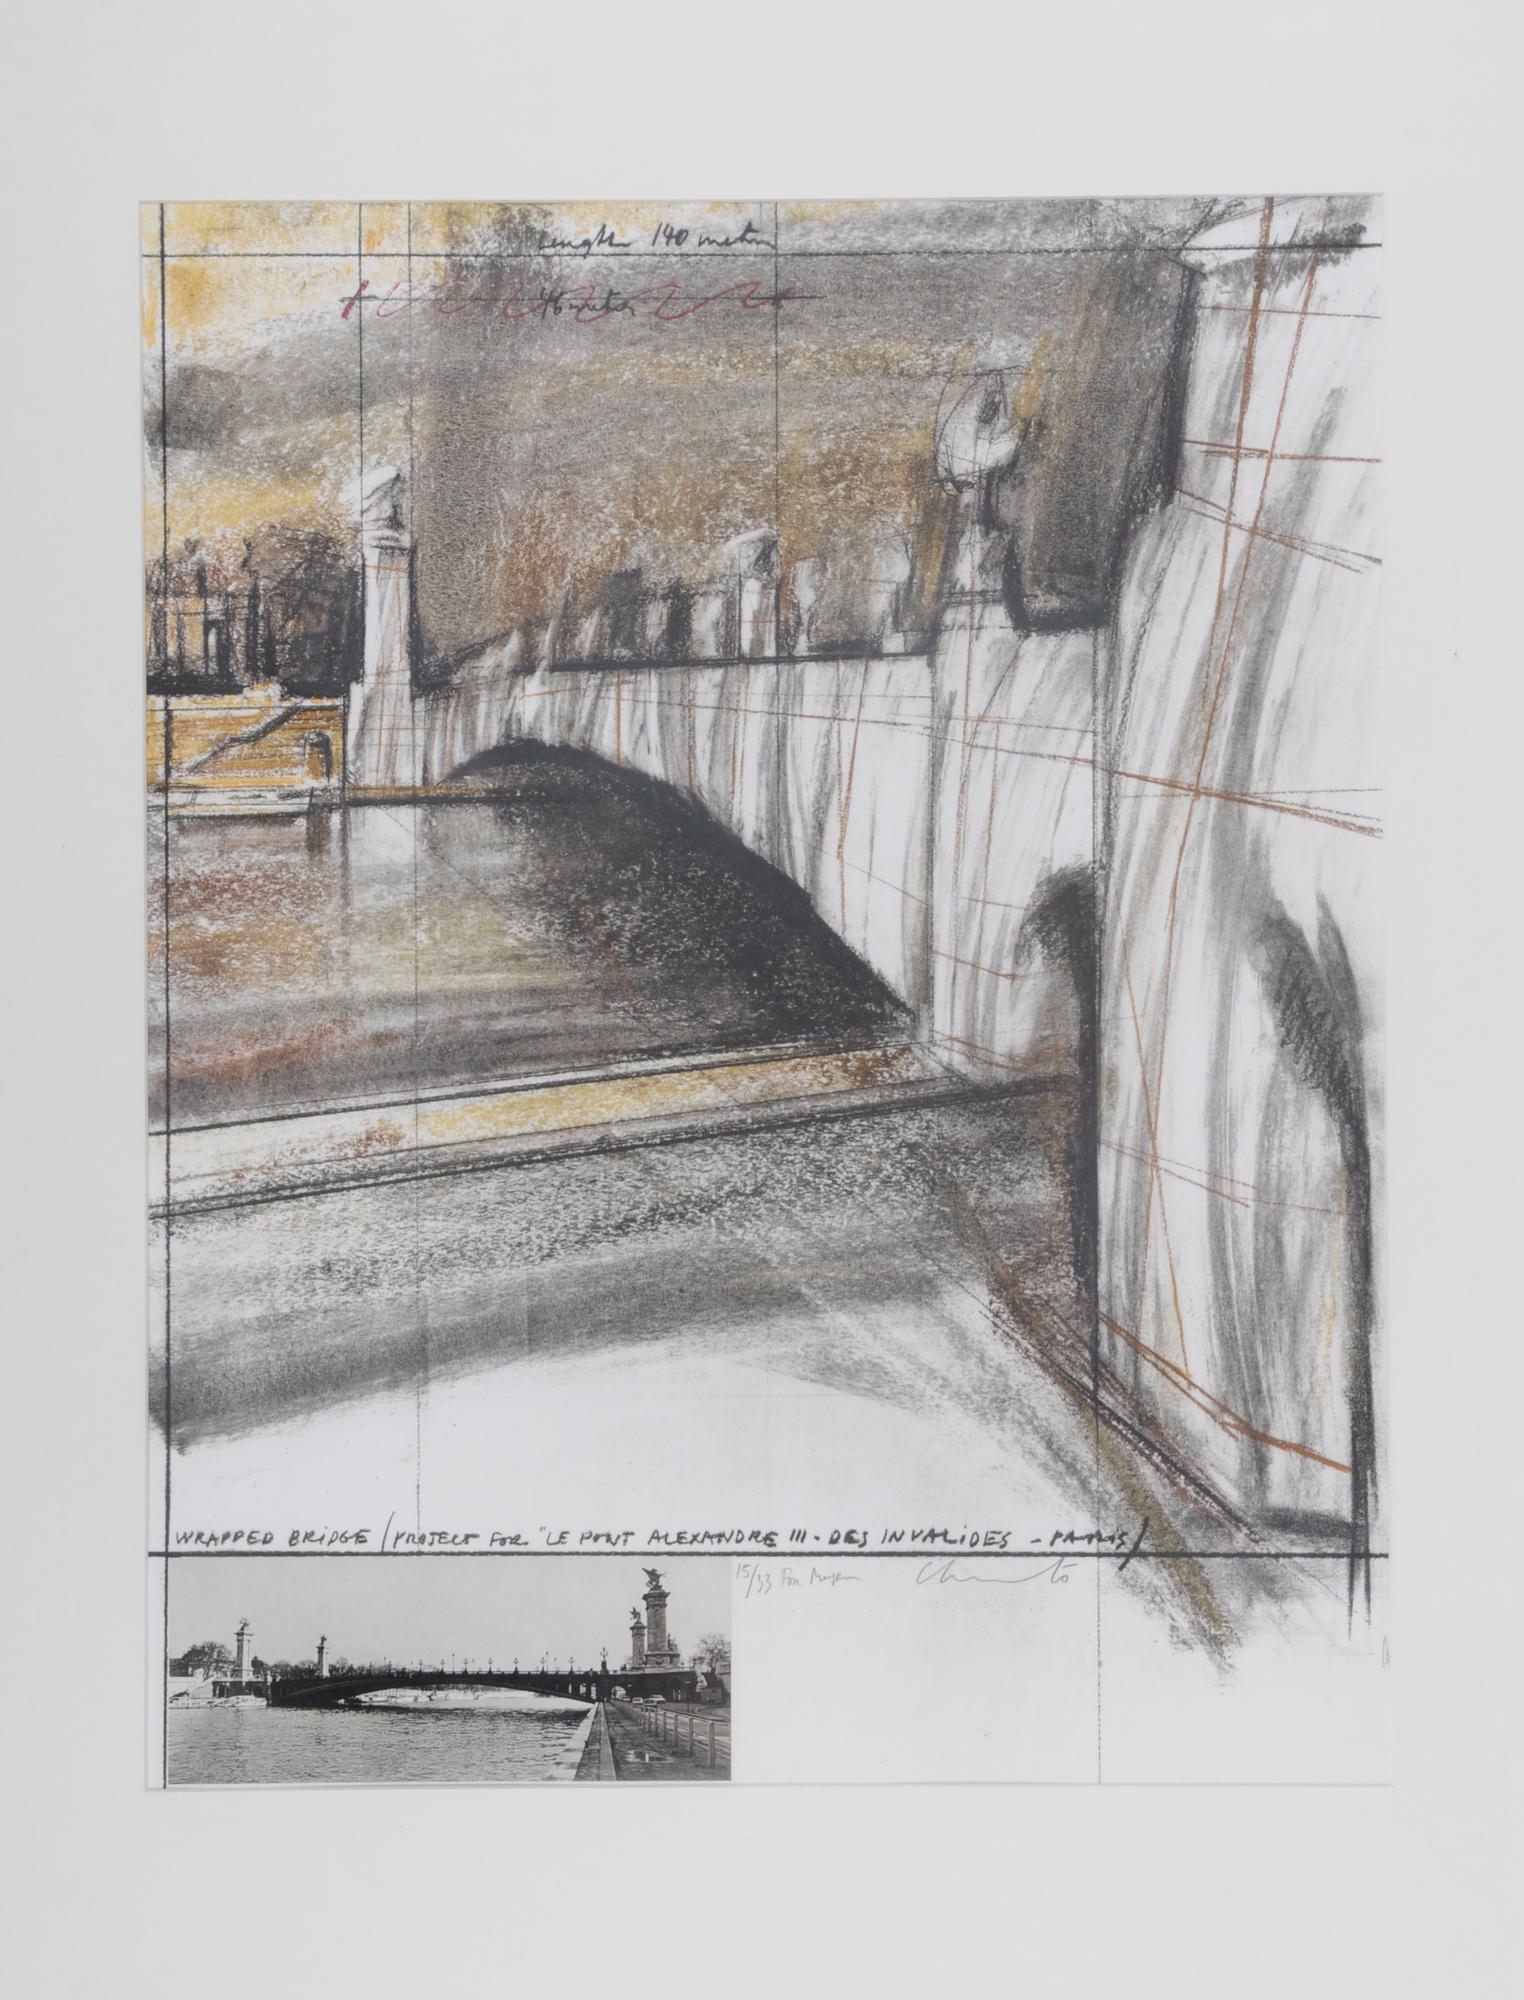 Christo, Wrapped Bridge, Project for Le Pont Alexandre III, Paris